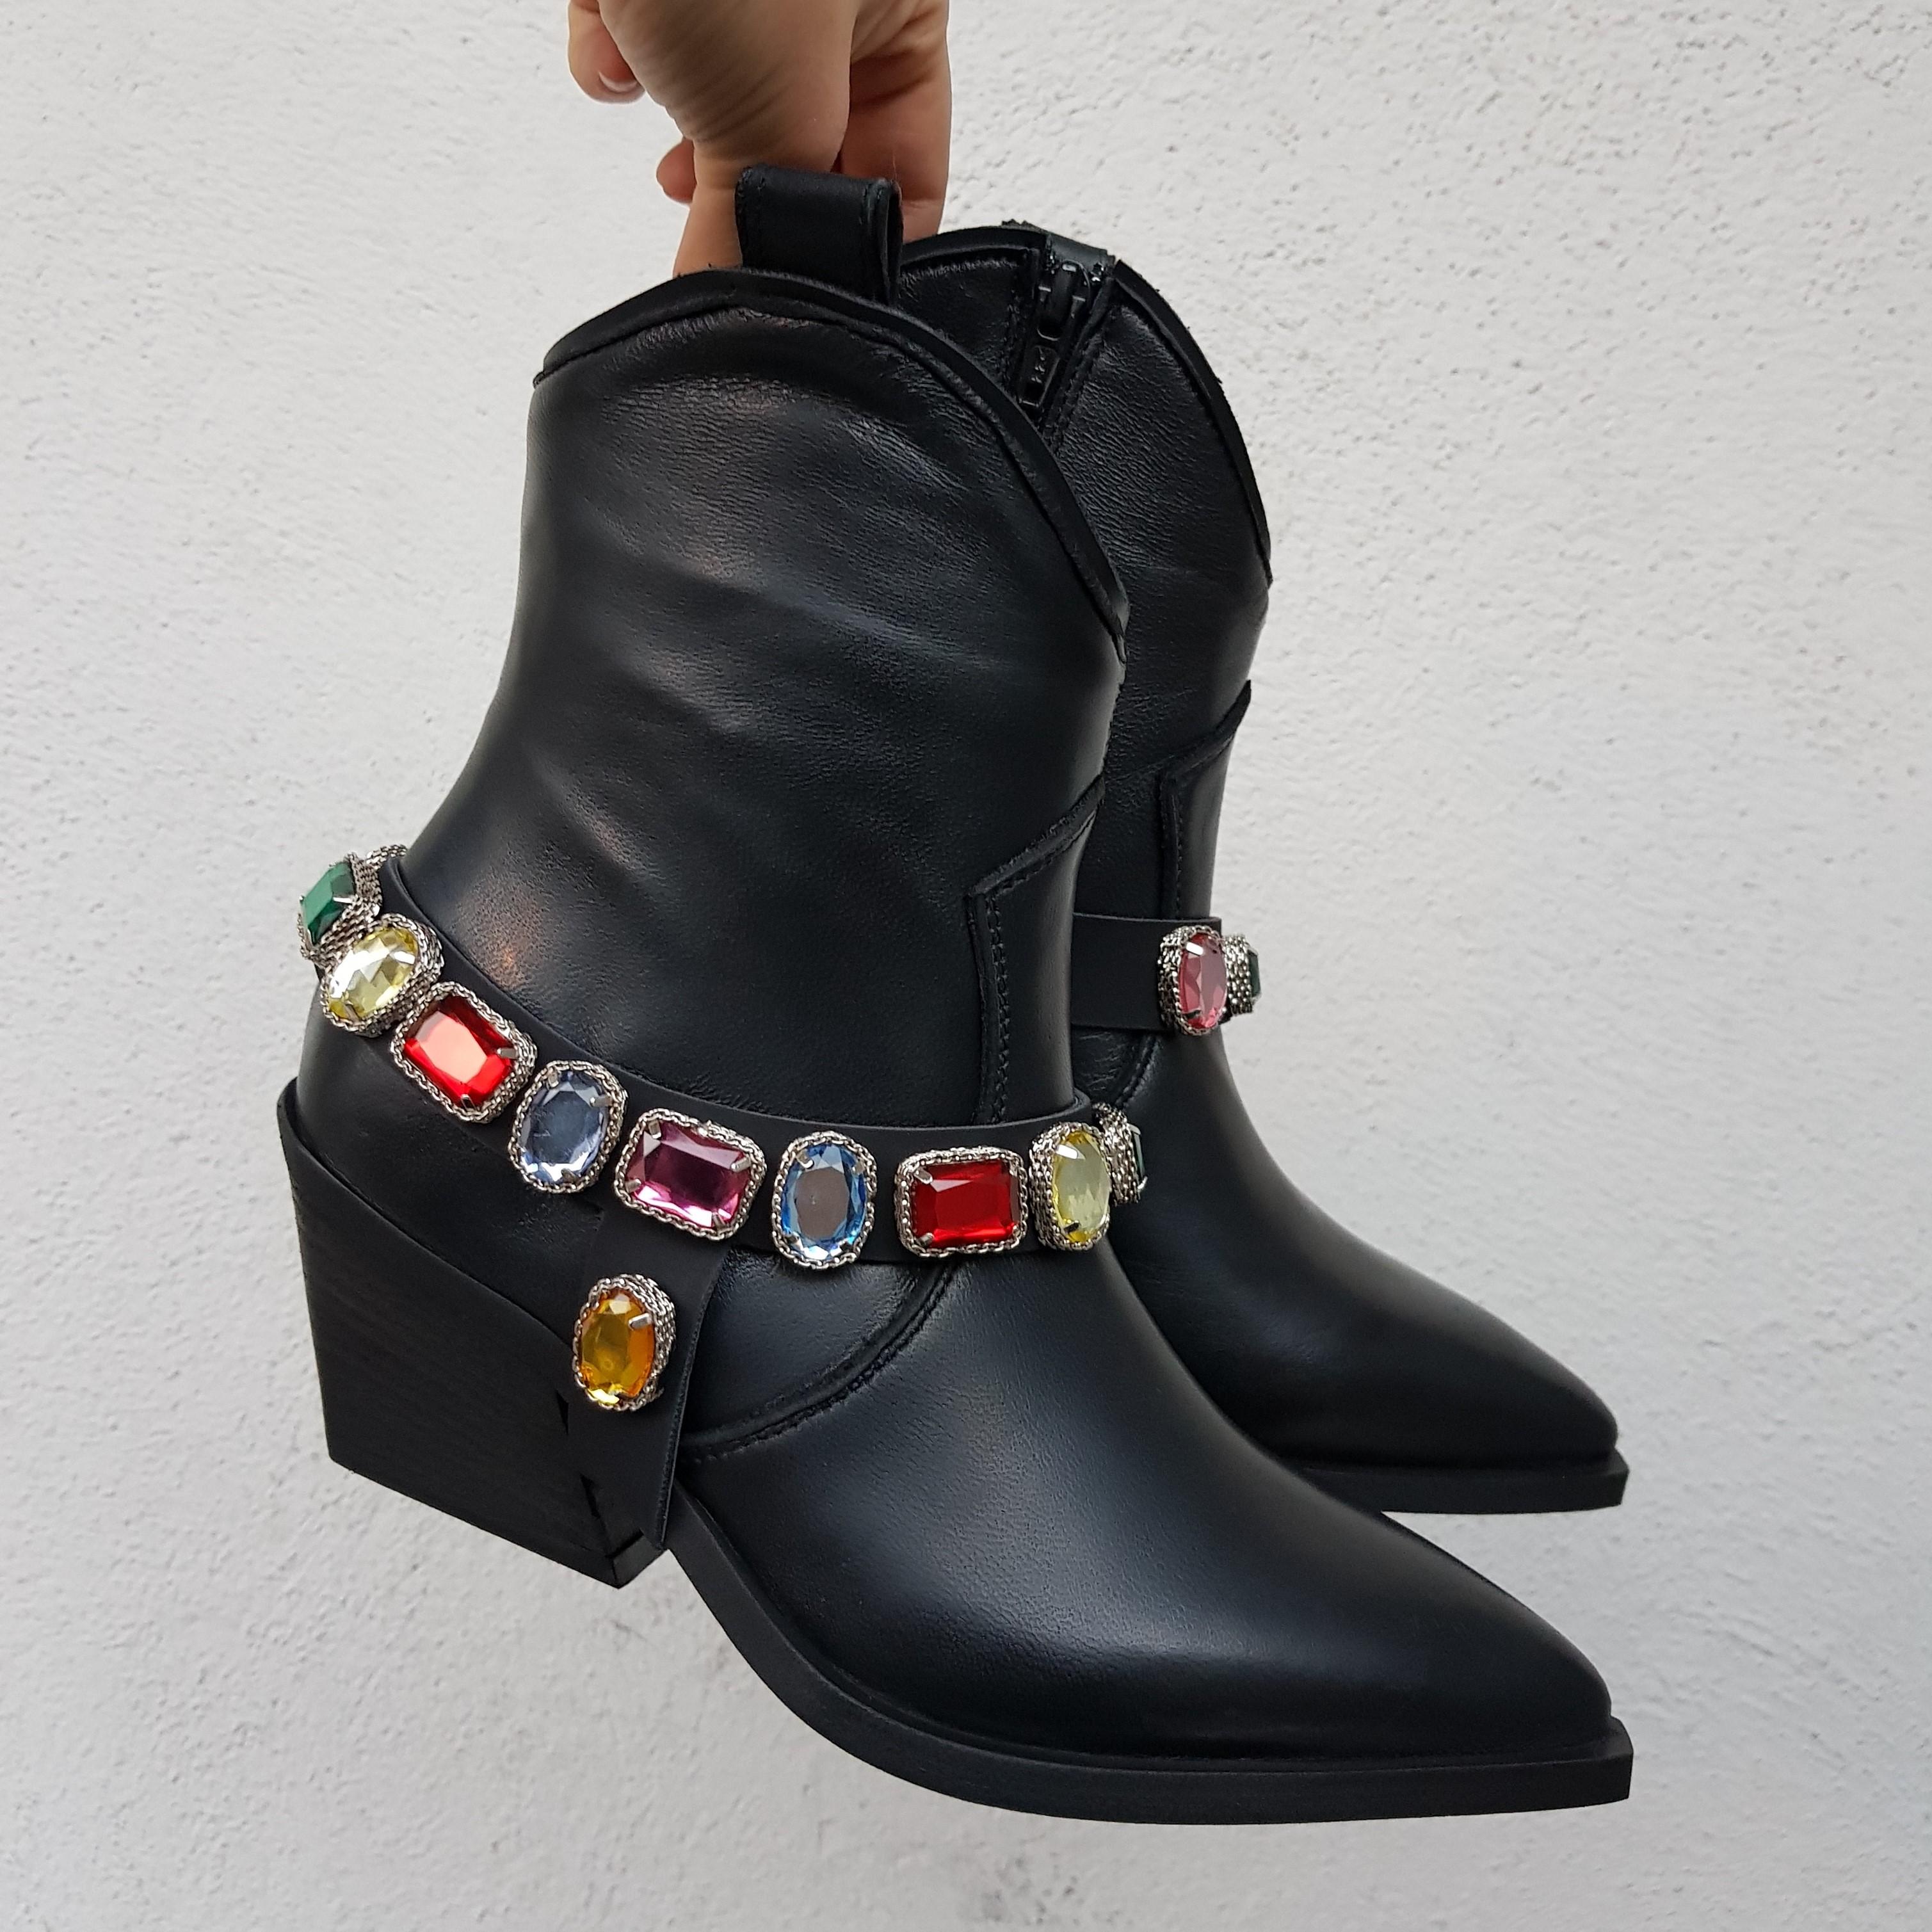 Stivaletti pelle nero e strass colorati stephan2 - Lia diva scarpe ...